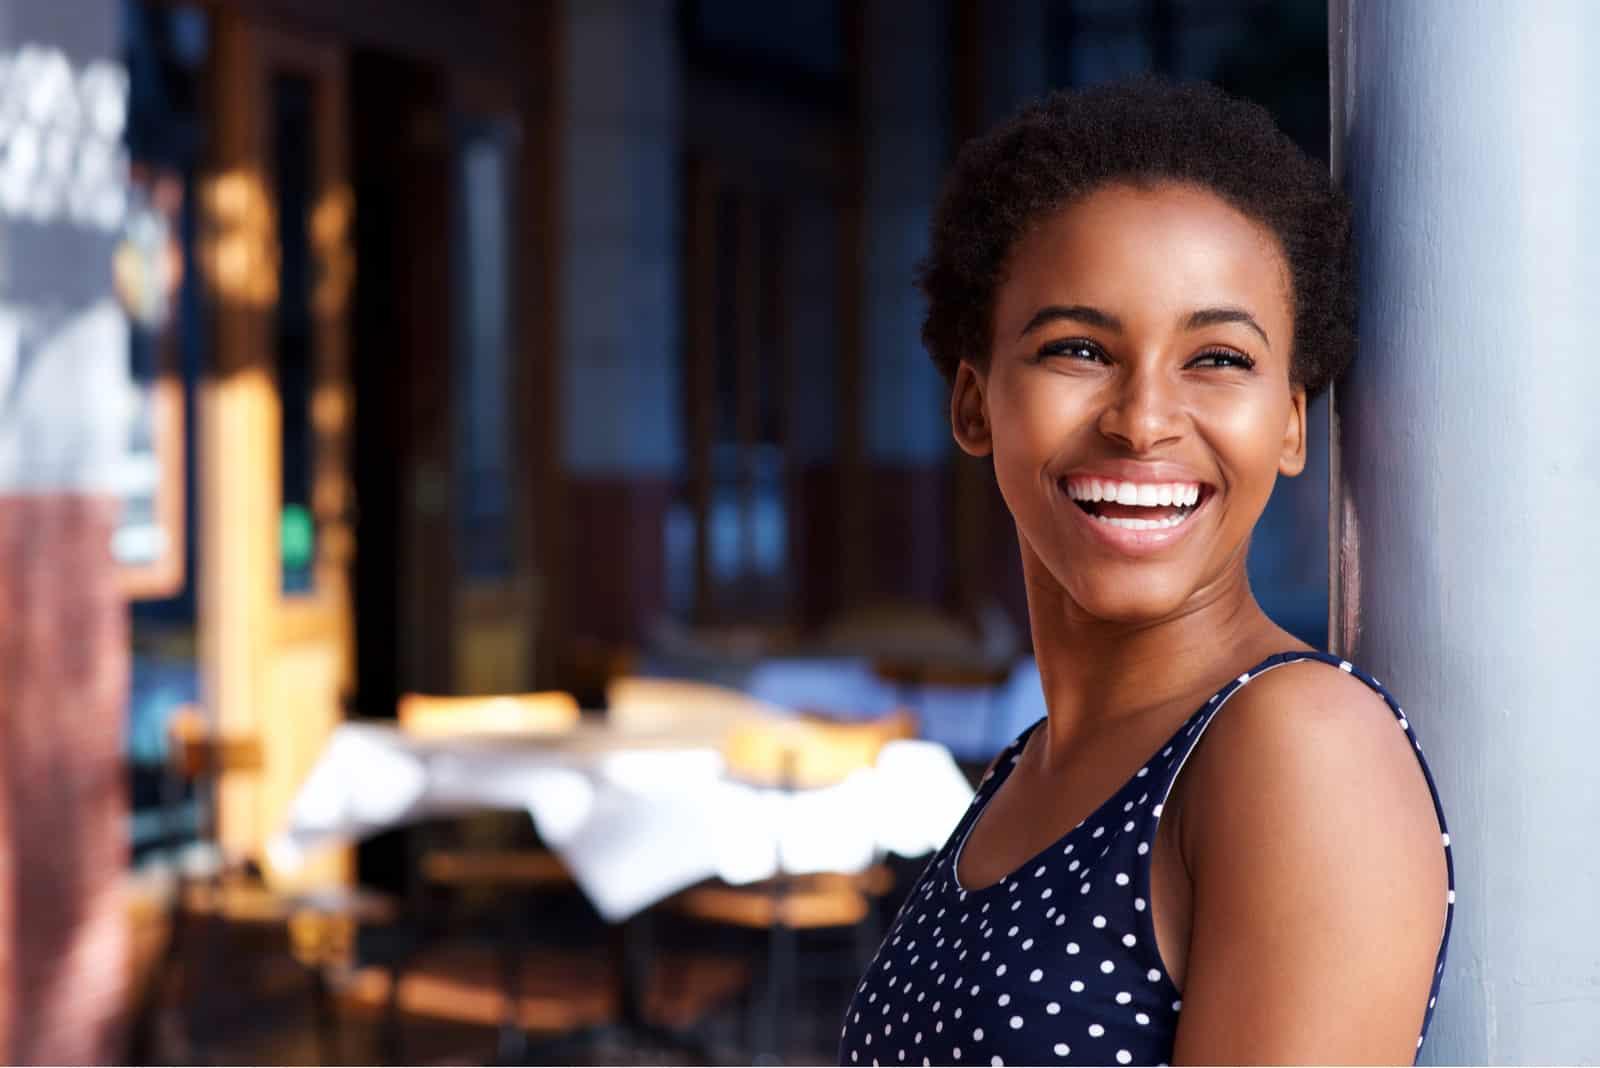 une femme souriante se tient appuyée contre un mur